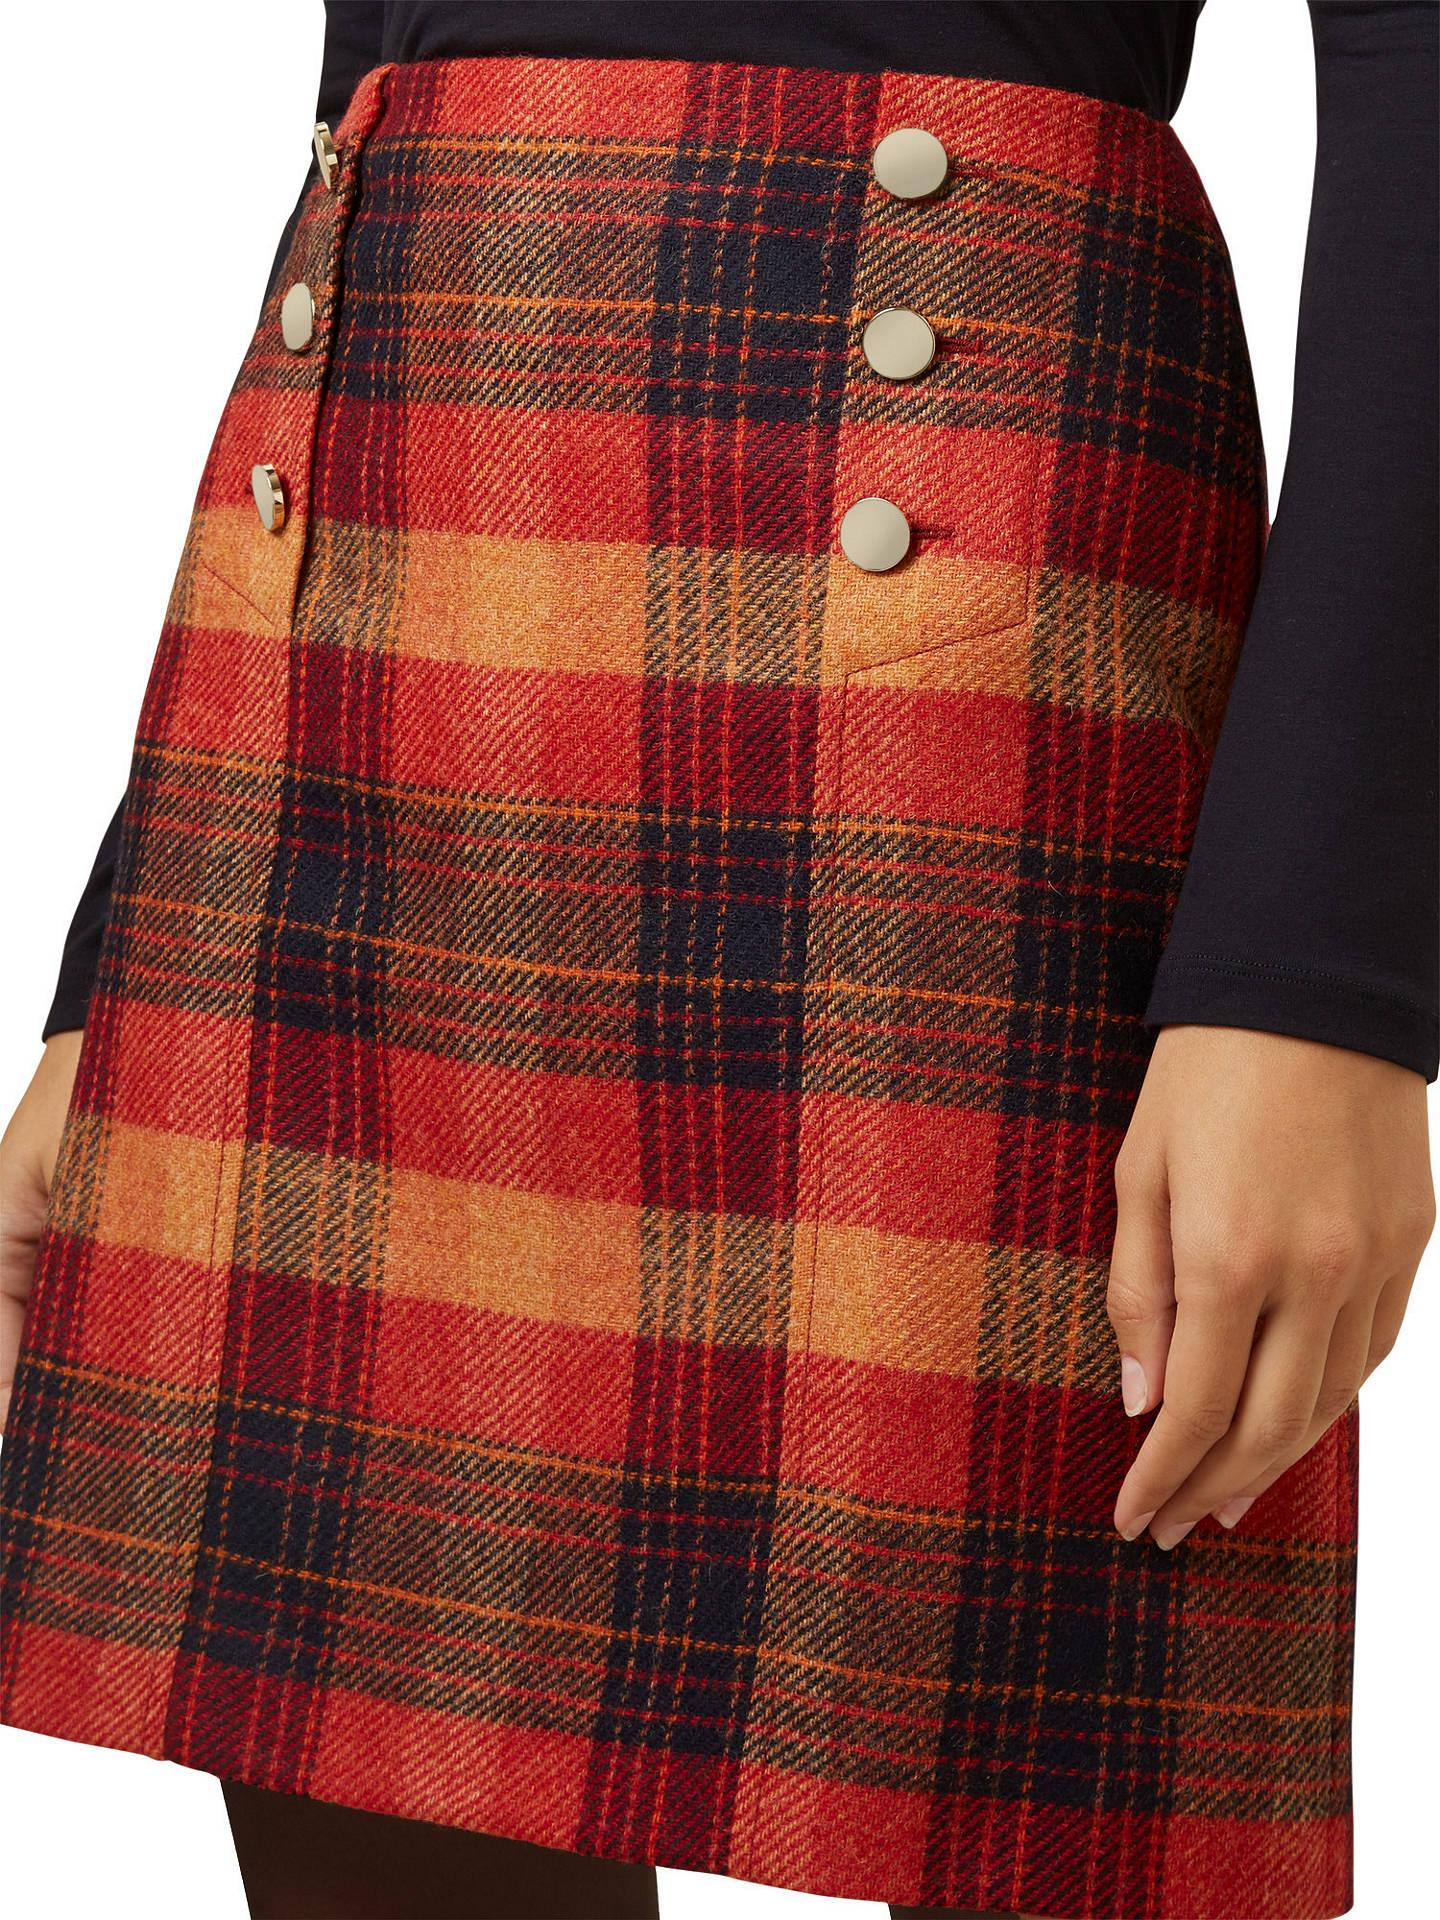 Astounding Hobbs Carlin Tartan Skirt Marmalade At John Lewis Partners Theyellowbook Wood Chair Design Ideas Theyellowbookinfo